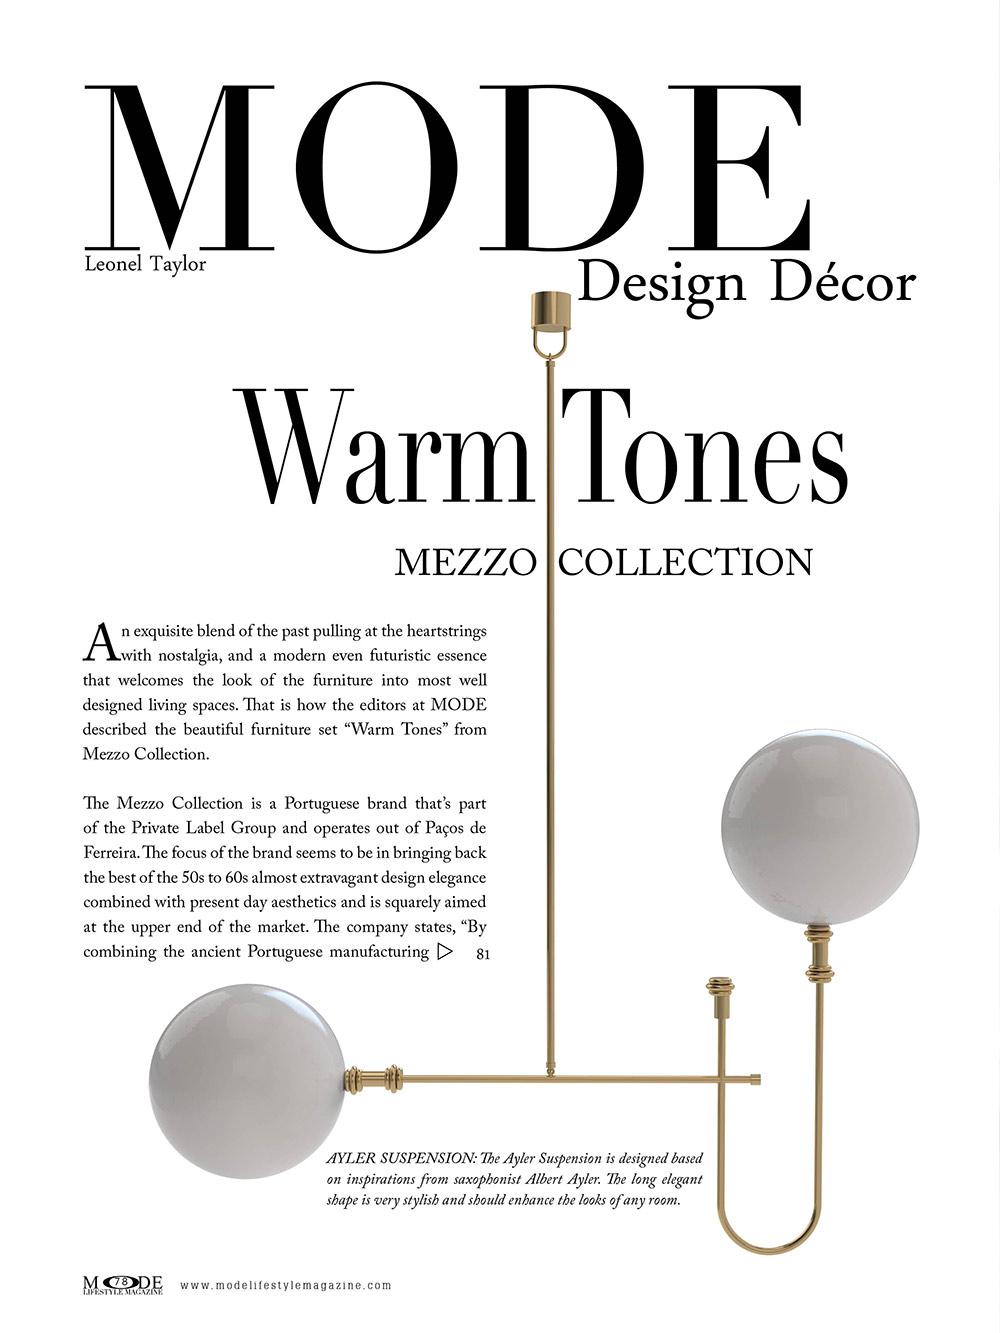 Warm Tones - Mezzo Collection